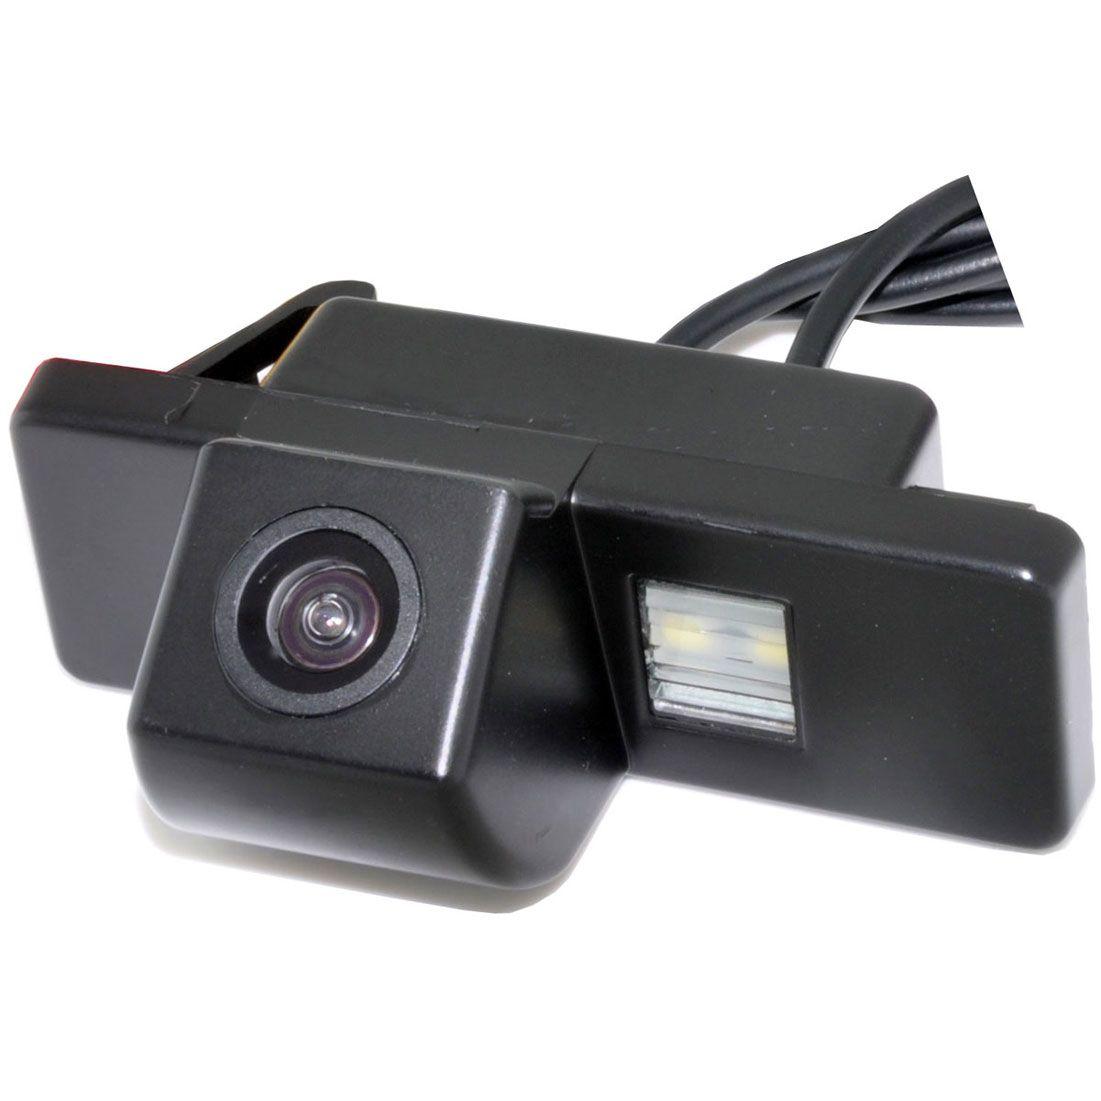 Caméra de recul de voiture HD CCD pour Nissan QASHQAI X-TRAIL Geniss citroën C4 C5 c-triomphe Peugeot 307cc Pathfinder Dualis